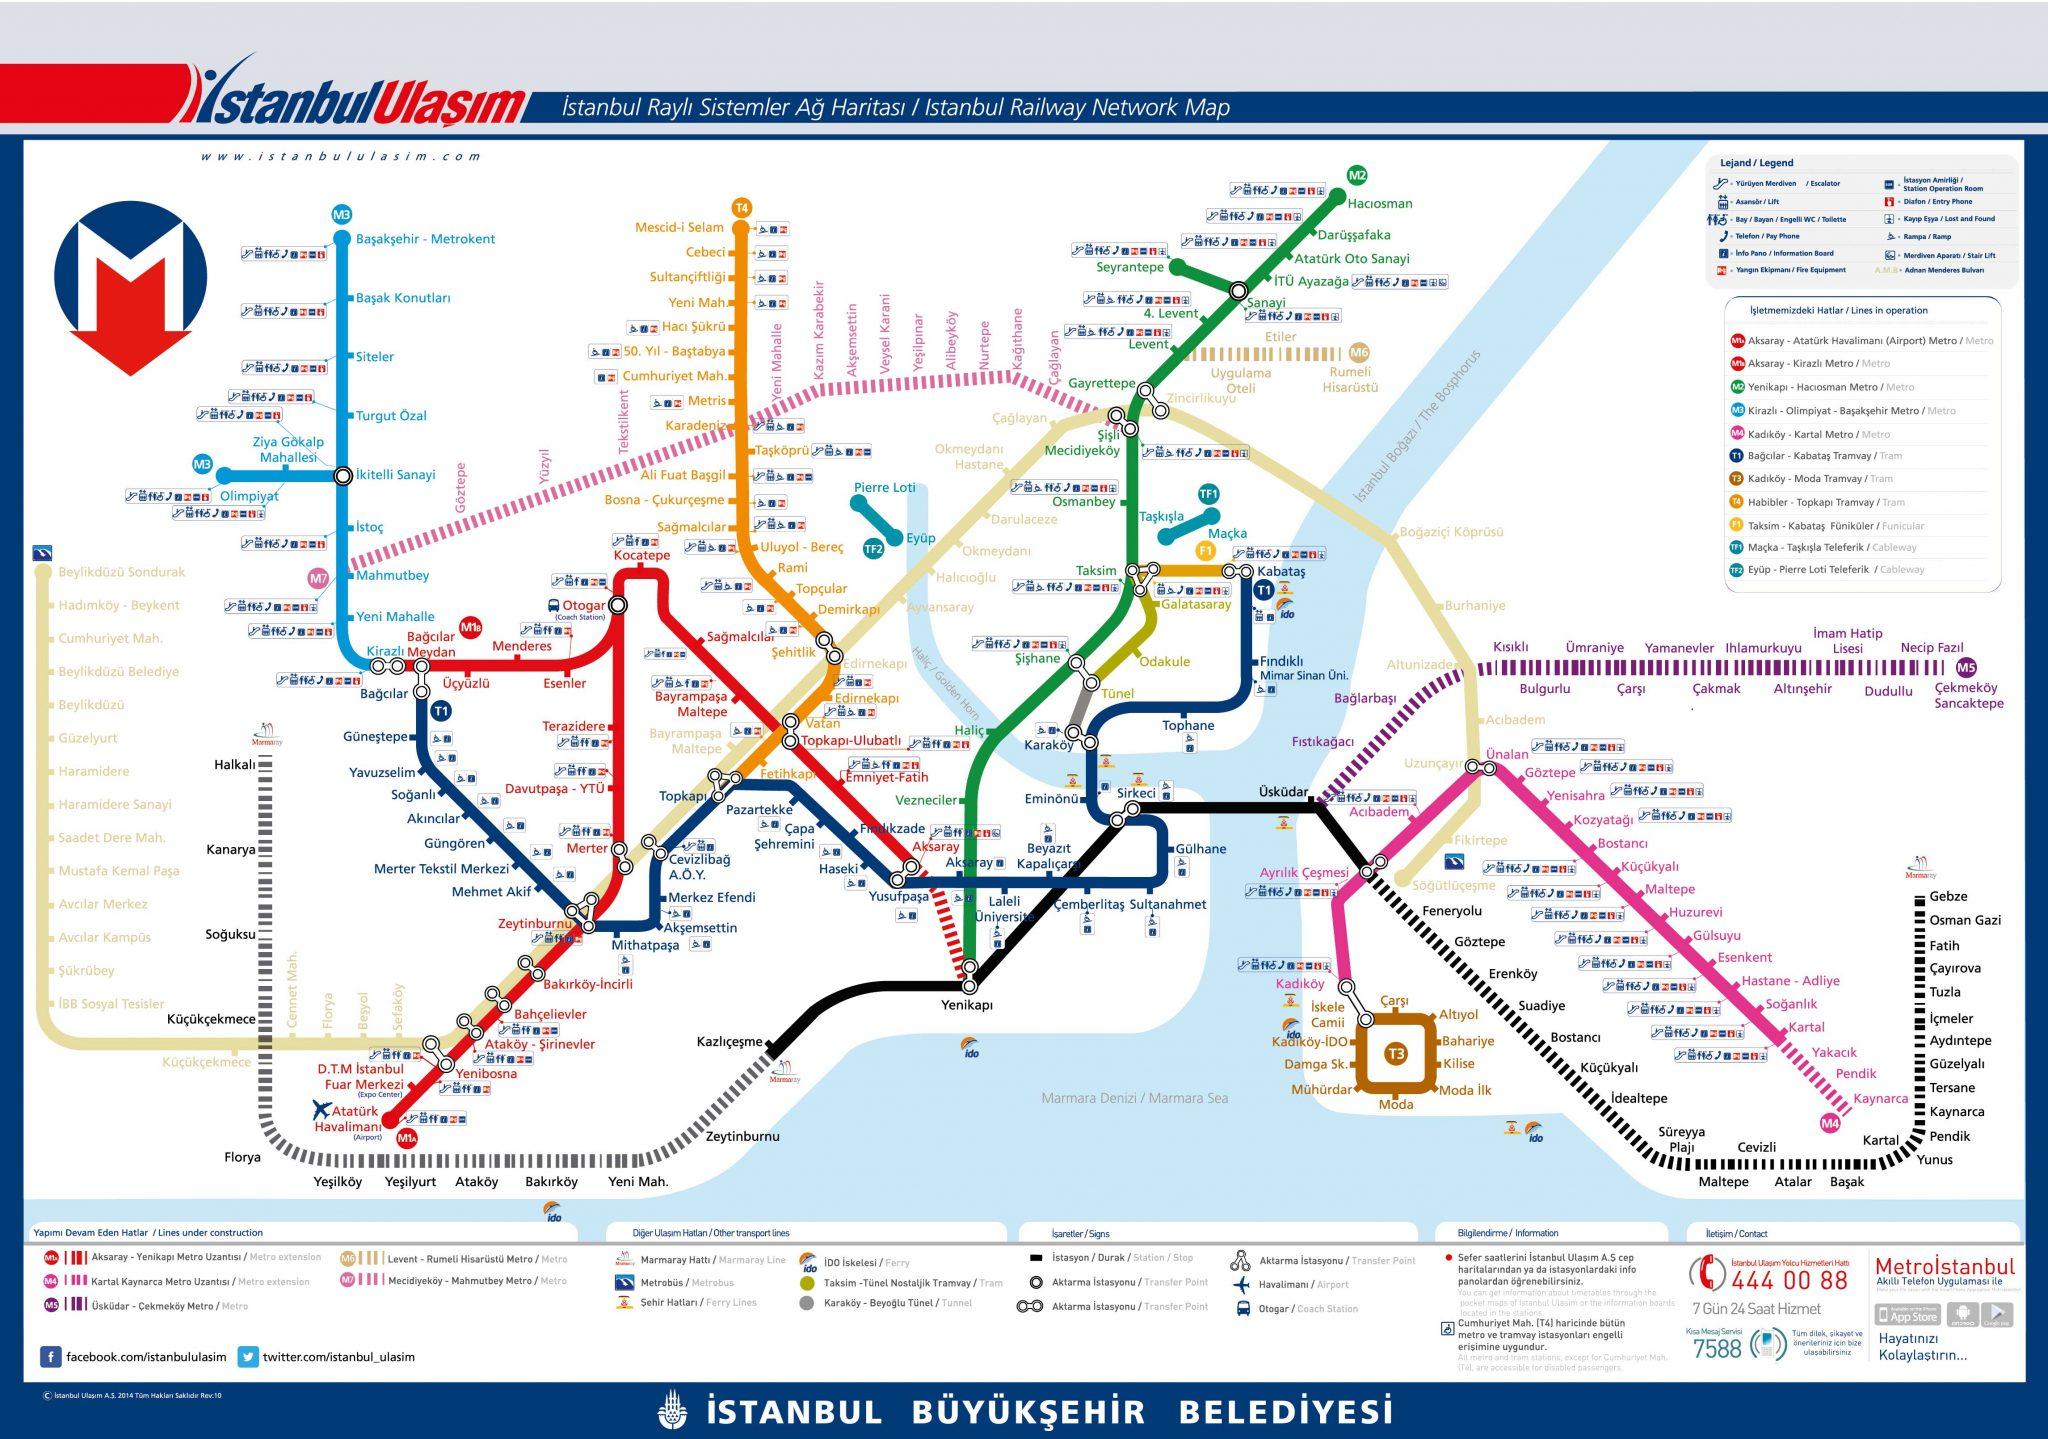 Карта - схема рельсового транспорта Стамбула (Метро) Стамбула